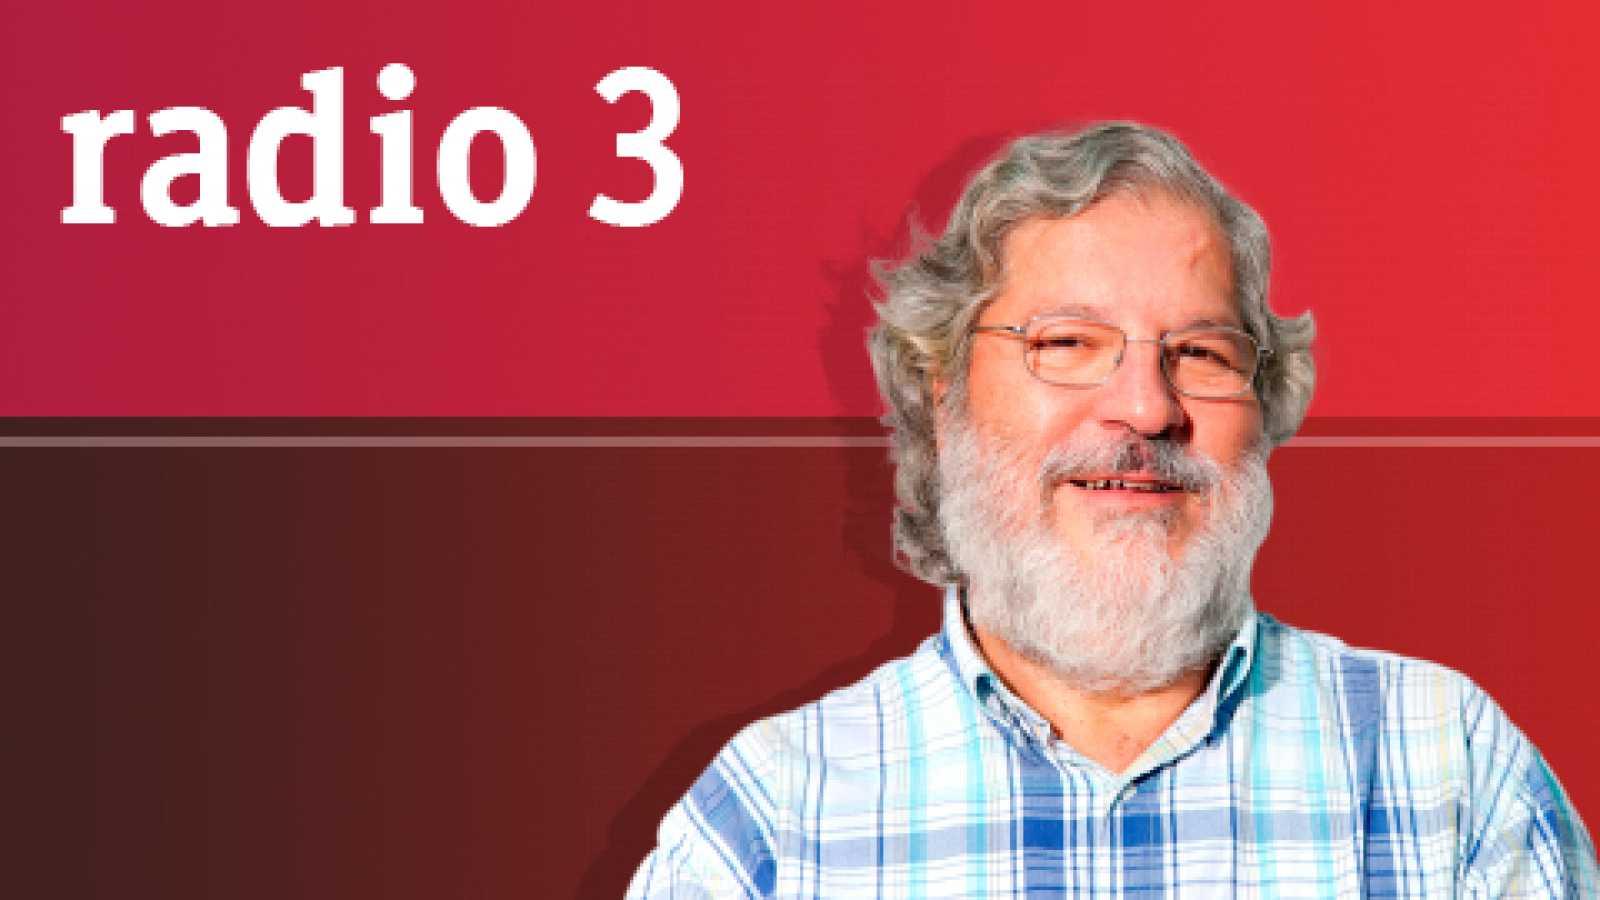 Discópolis 11.146 - Lucia Bosé - 24/11/20 - escuchar ahora